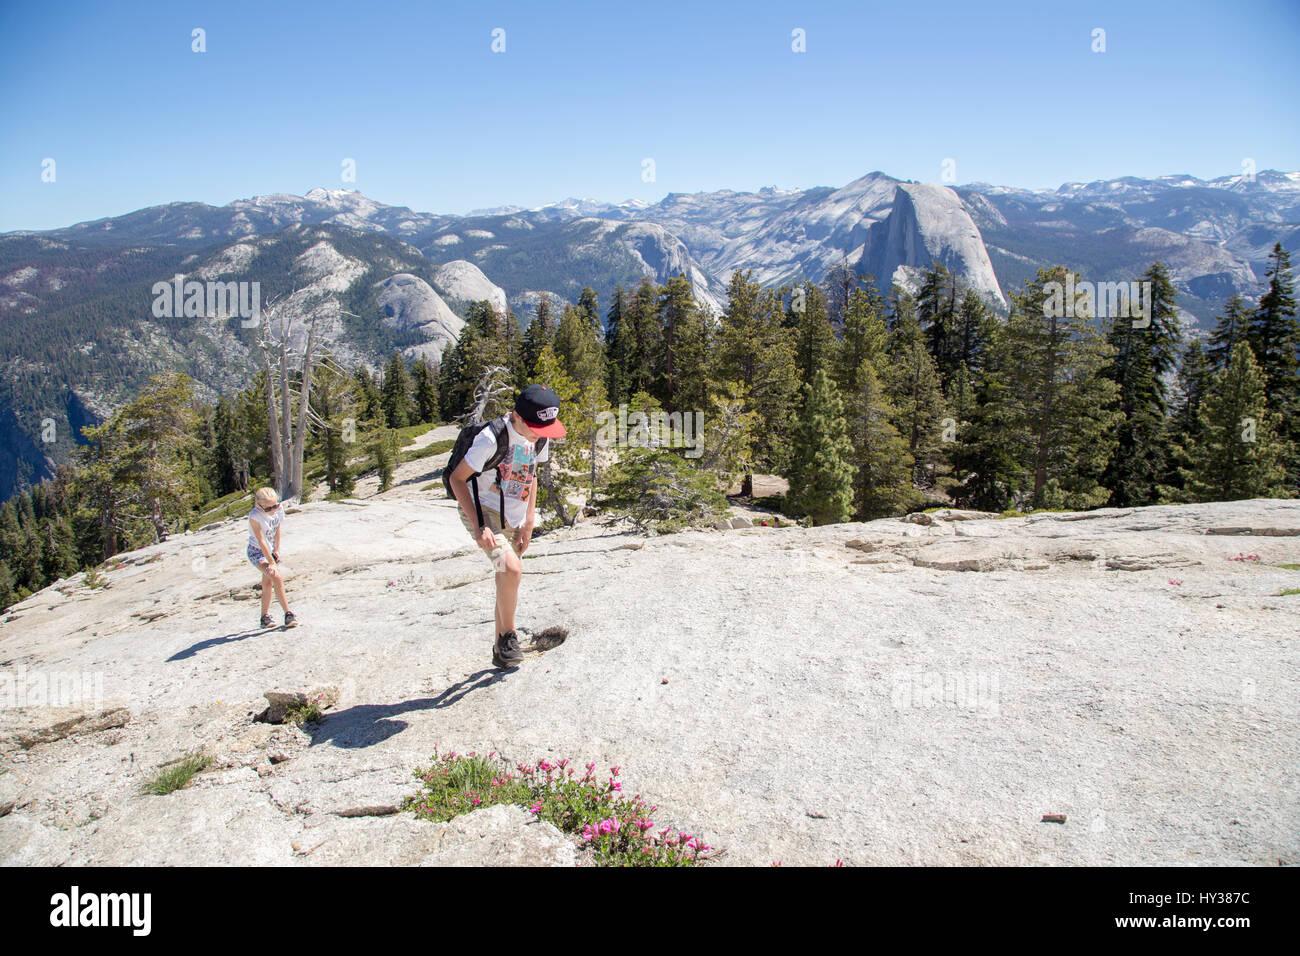 Usa, Kalifornien, Yosemite, Mädchen (12-13) und junge (14-15) zu Fuß bis hoch in den Bergen mit Blick Stockbild